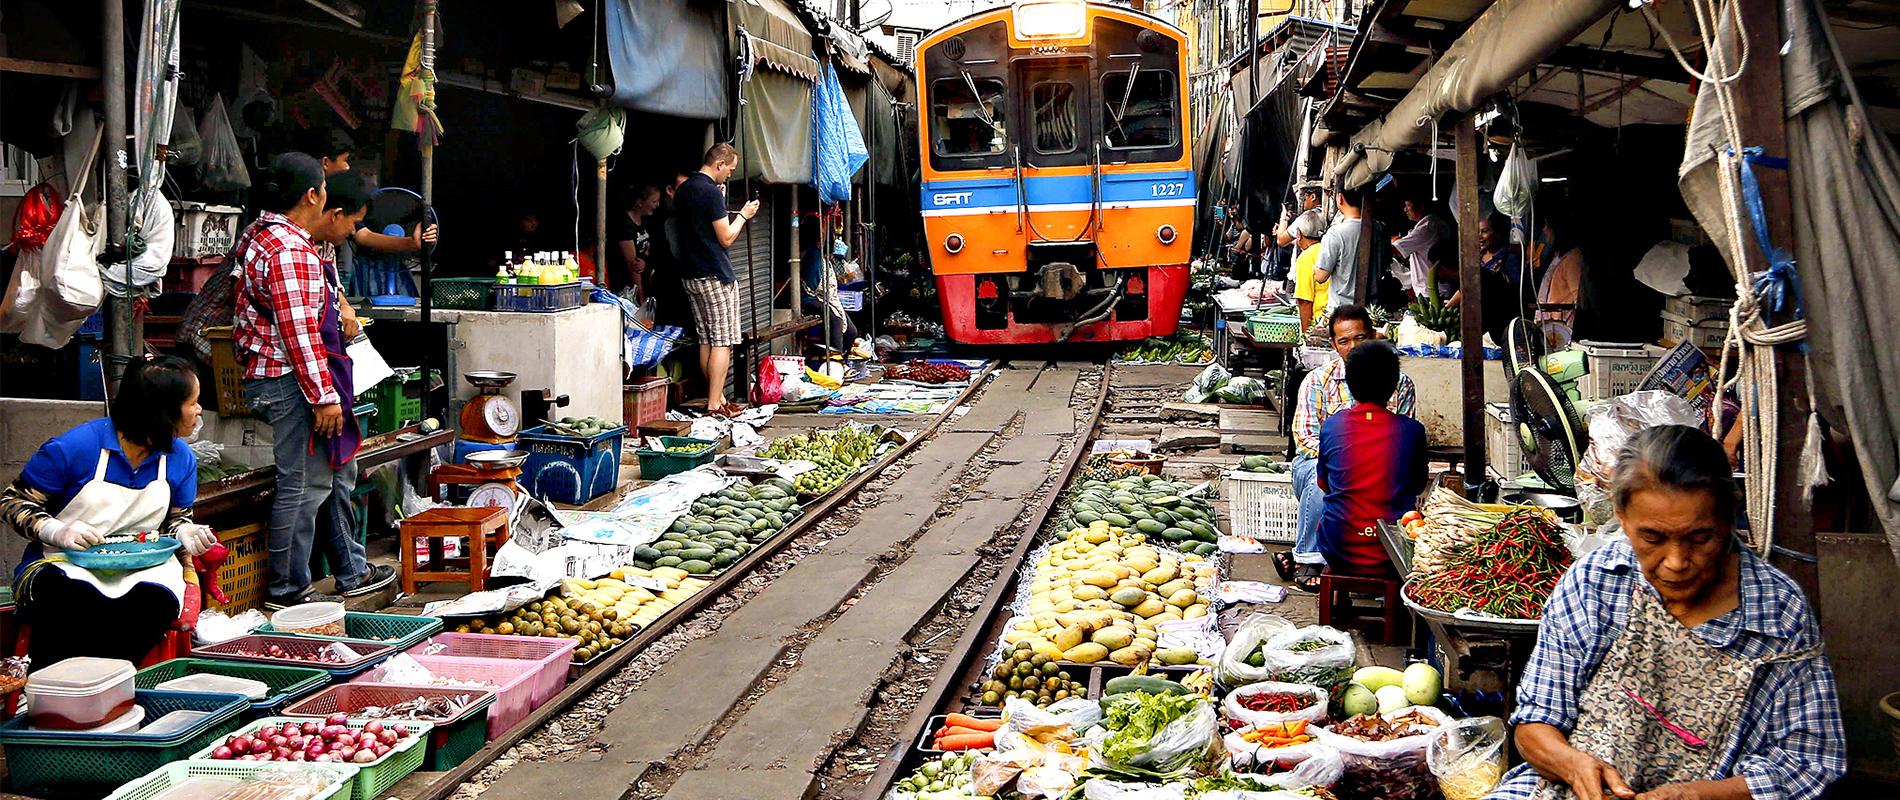 MaeKlong Railway Market, l'incredibile mercato sui binari del treno